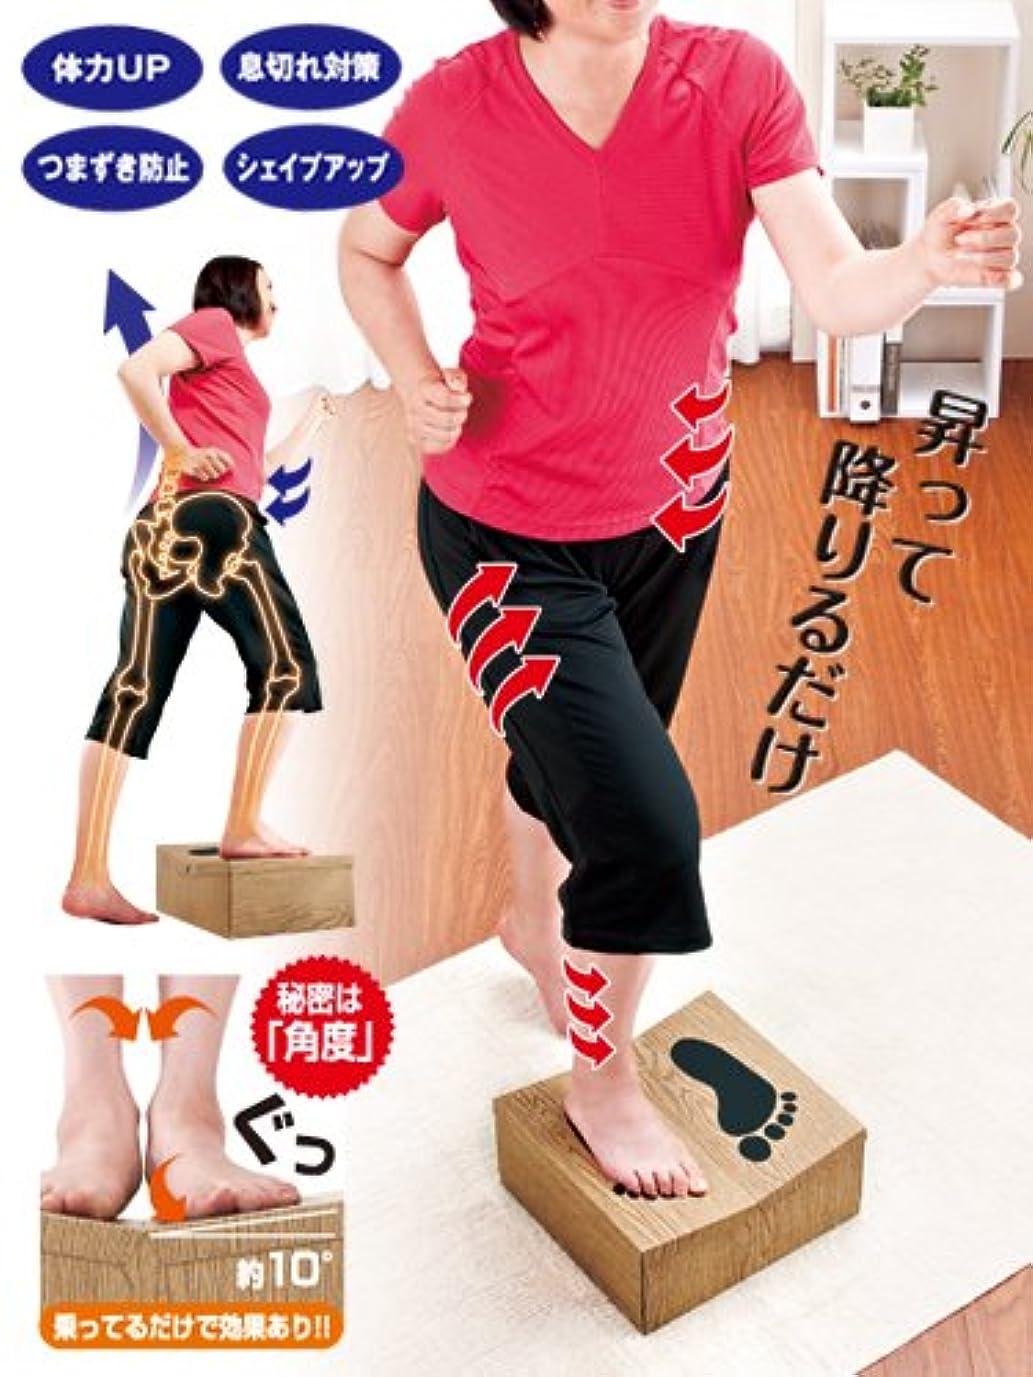 マダムジェームズダイソン悪化させるどこでもエクササイズフミッパー 踏み台運動 フミッパー ステップ運動 踏み台 ステップ体操 上り下り運動 有酸素運動 つまずき防止 ダイエット器具 健康器具 リハビリ 踏み台昇降運動